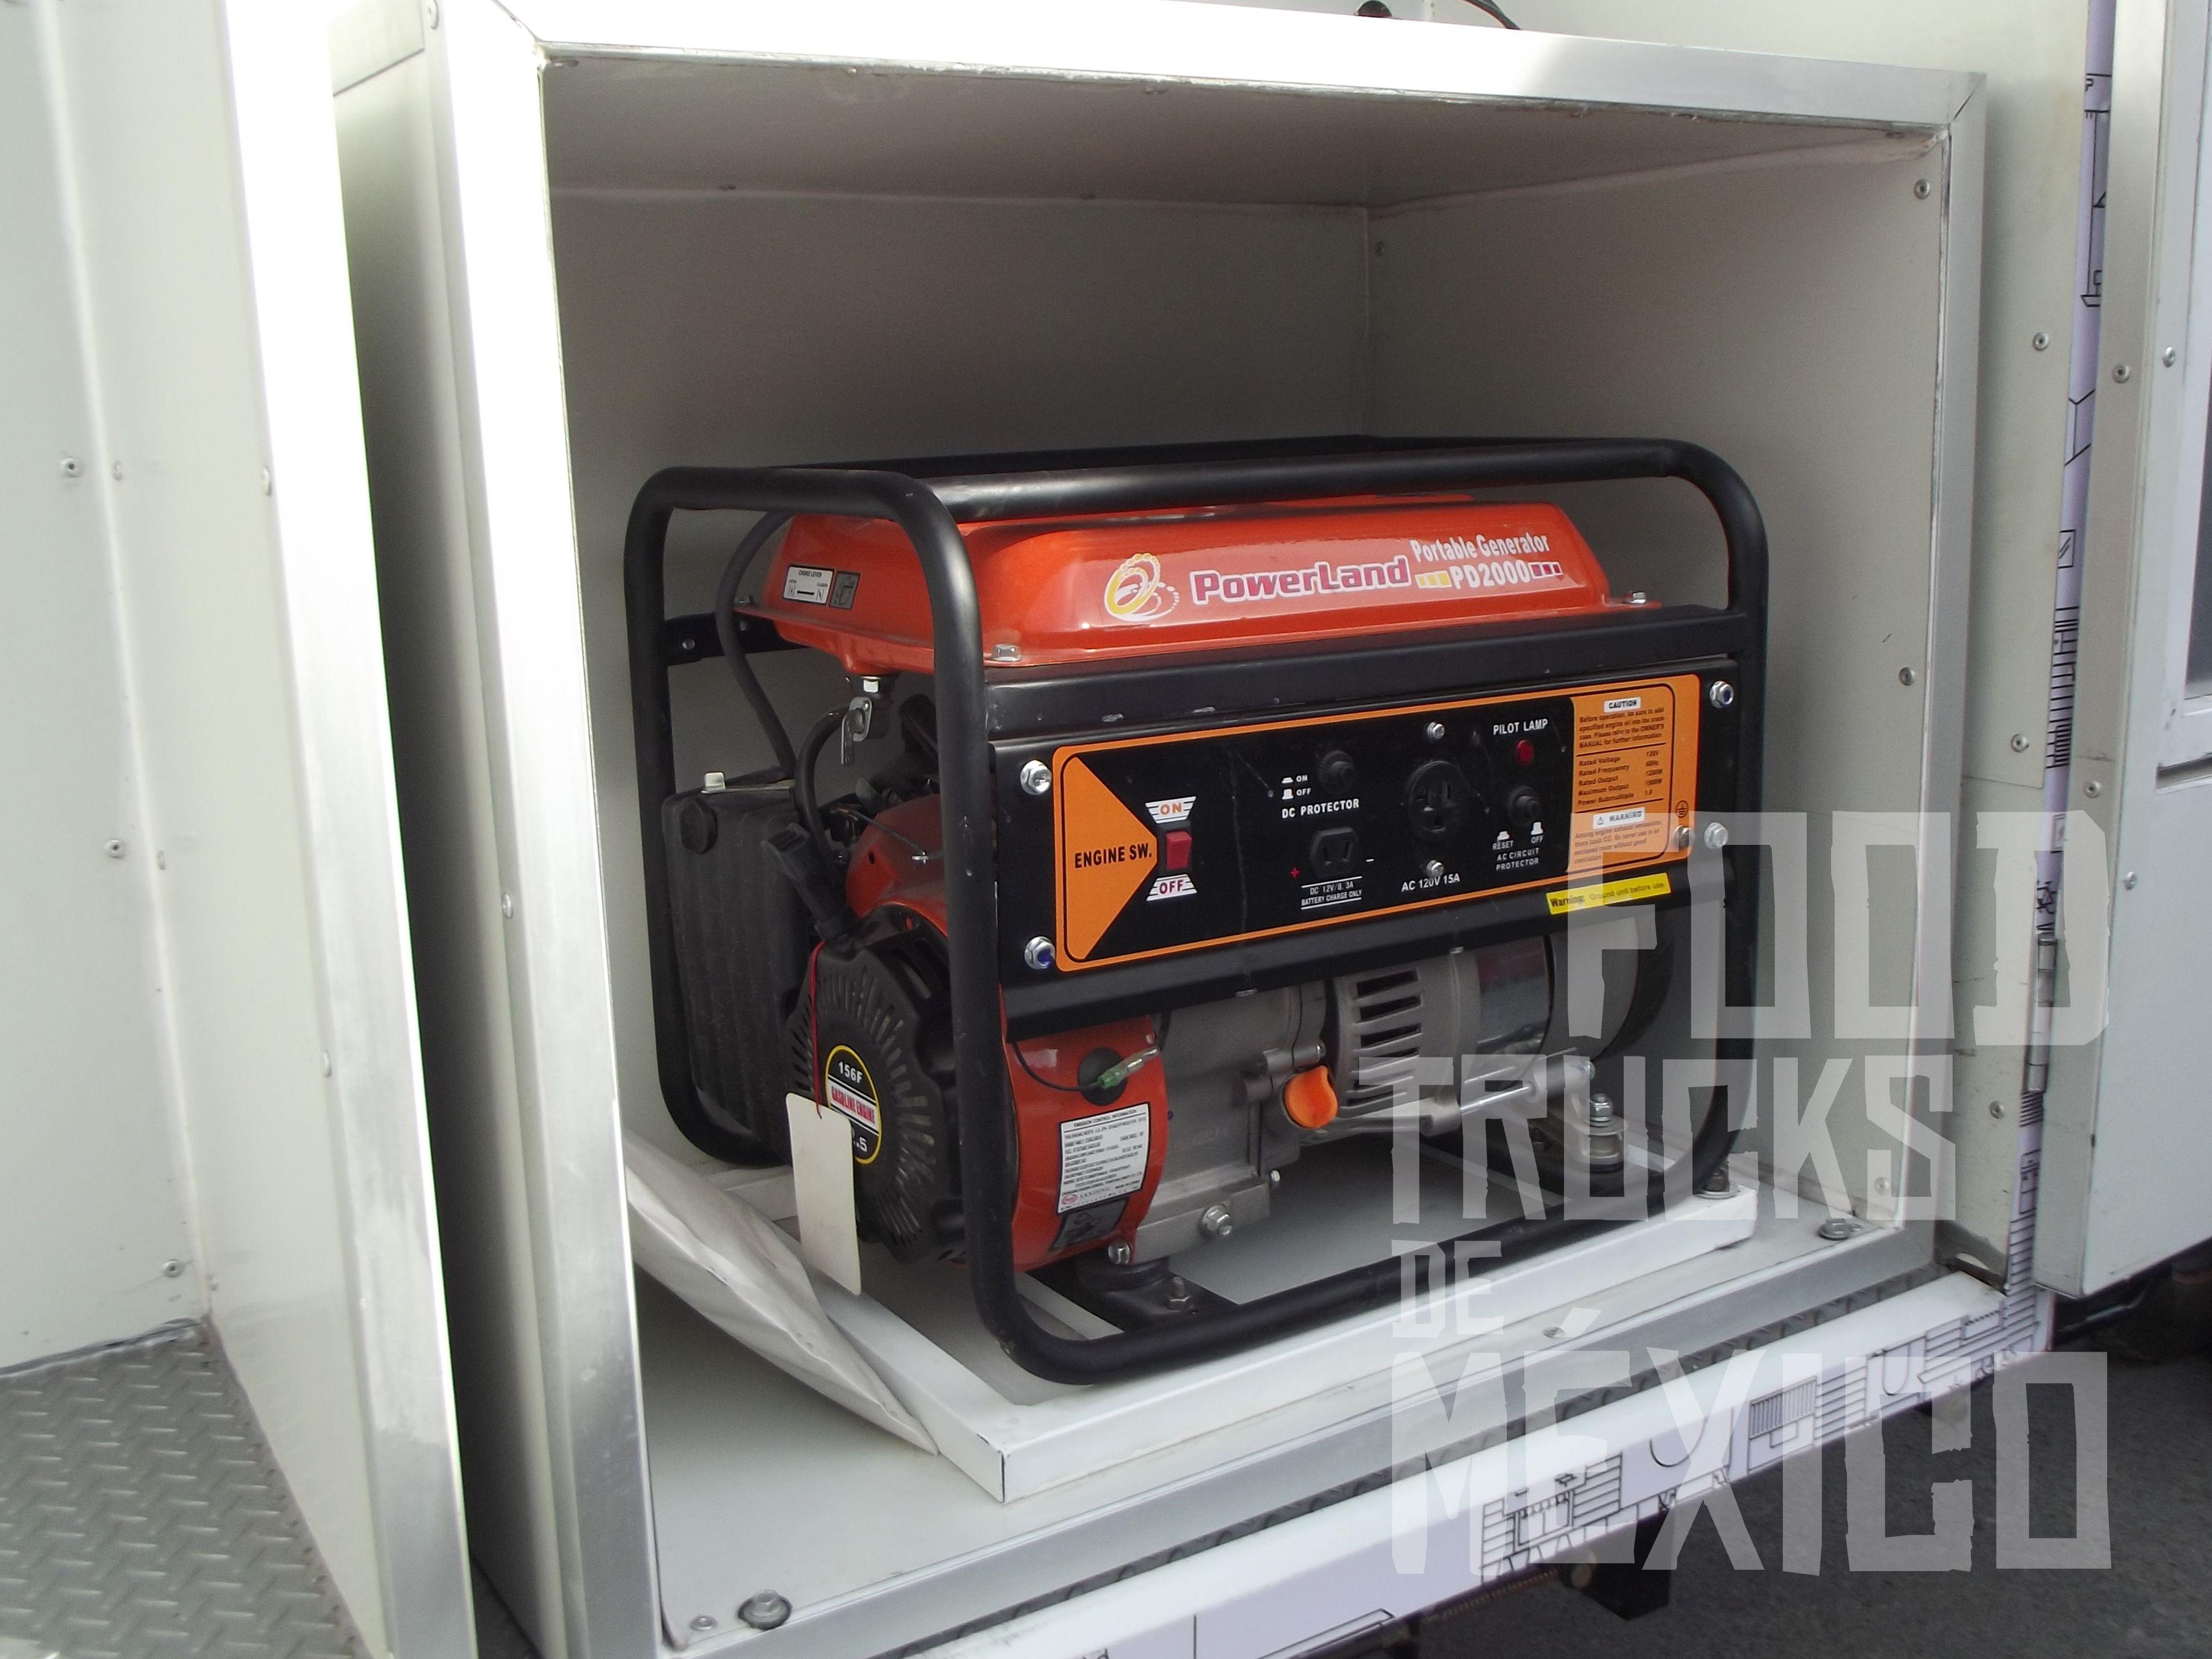 Generador eléctrico de energía portátil a gasolina. Más